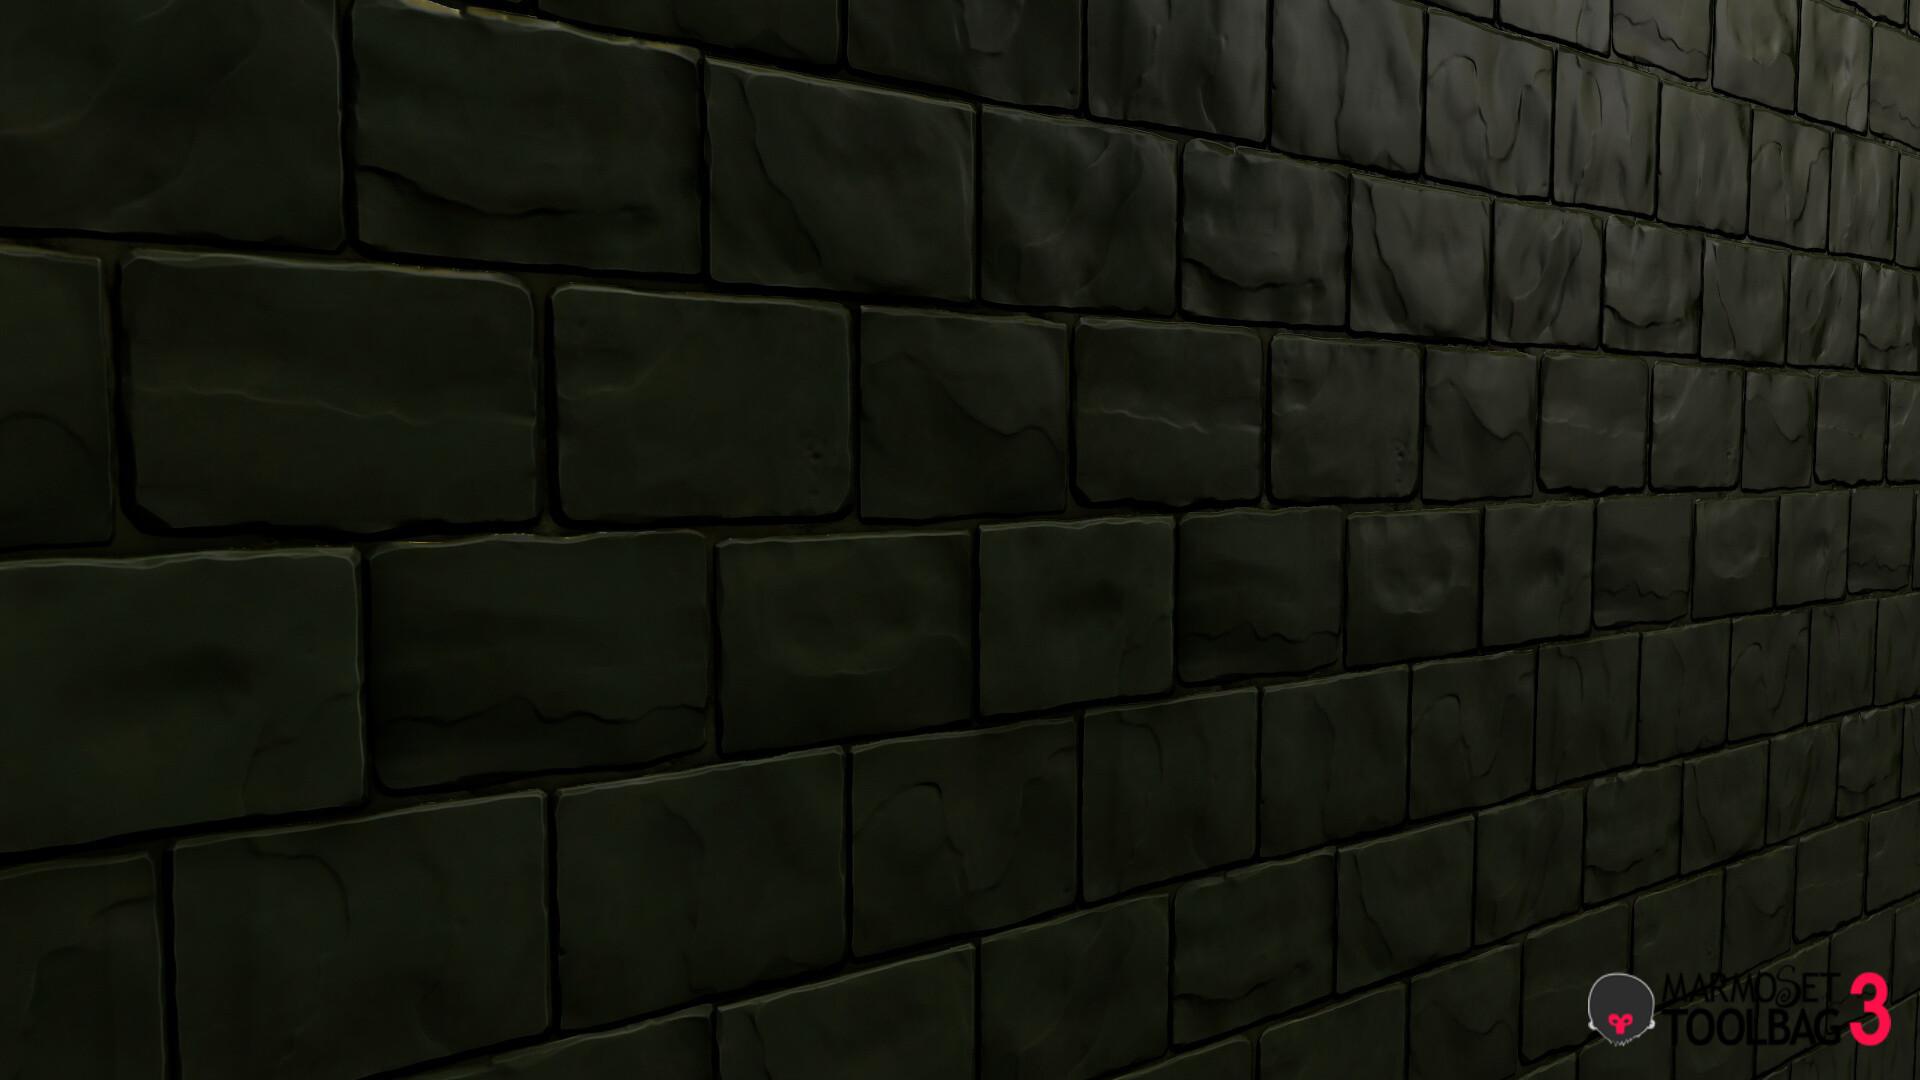 David alarcon cinderwall